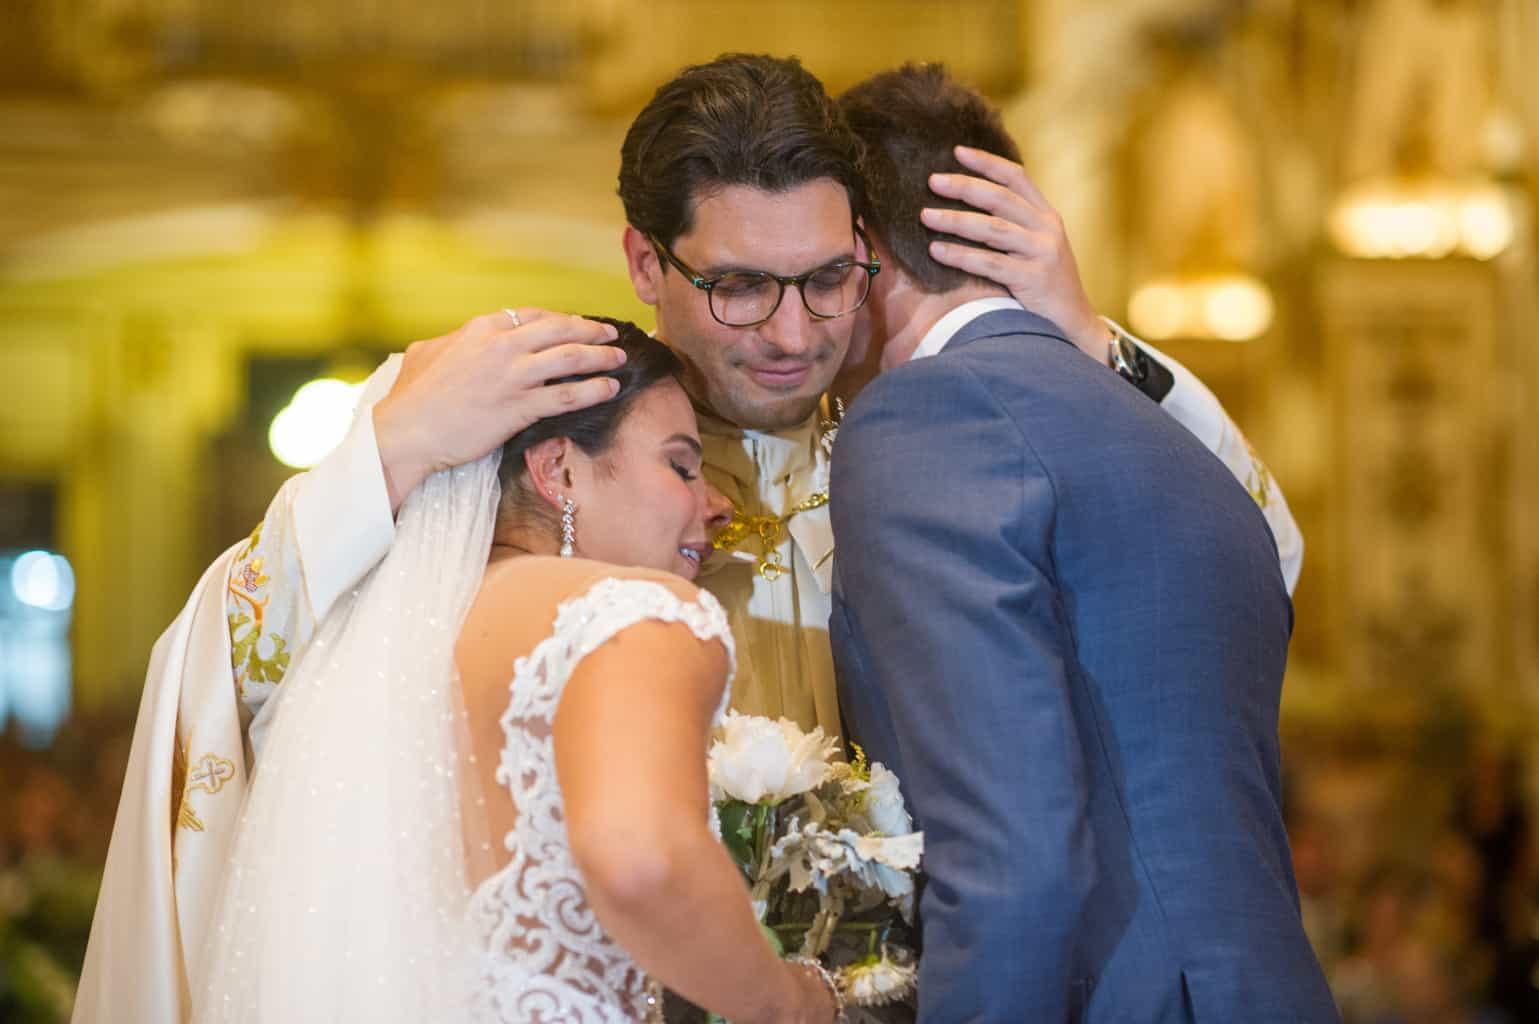 casamenot-Carolina-e-Thiago-casamento-clássico-Rio-de-Janeiro-Fotografia-Marina-Fava23